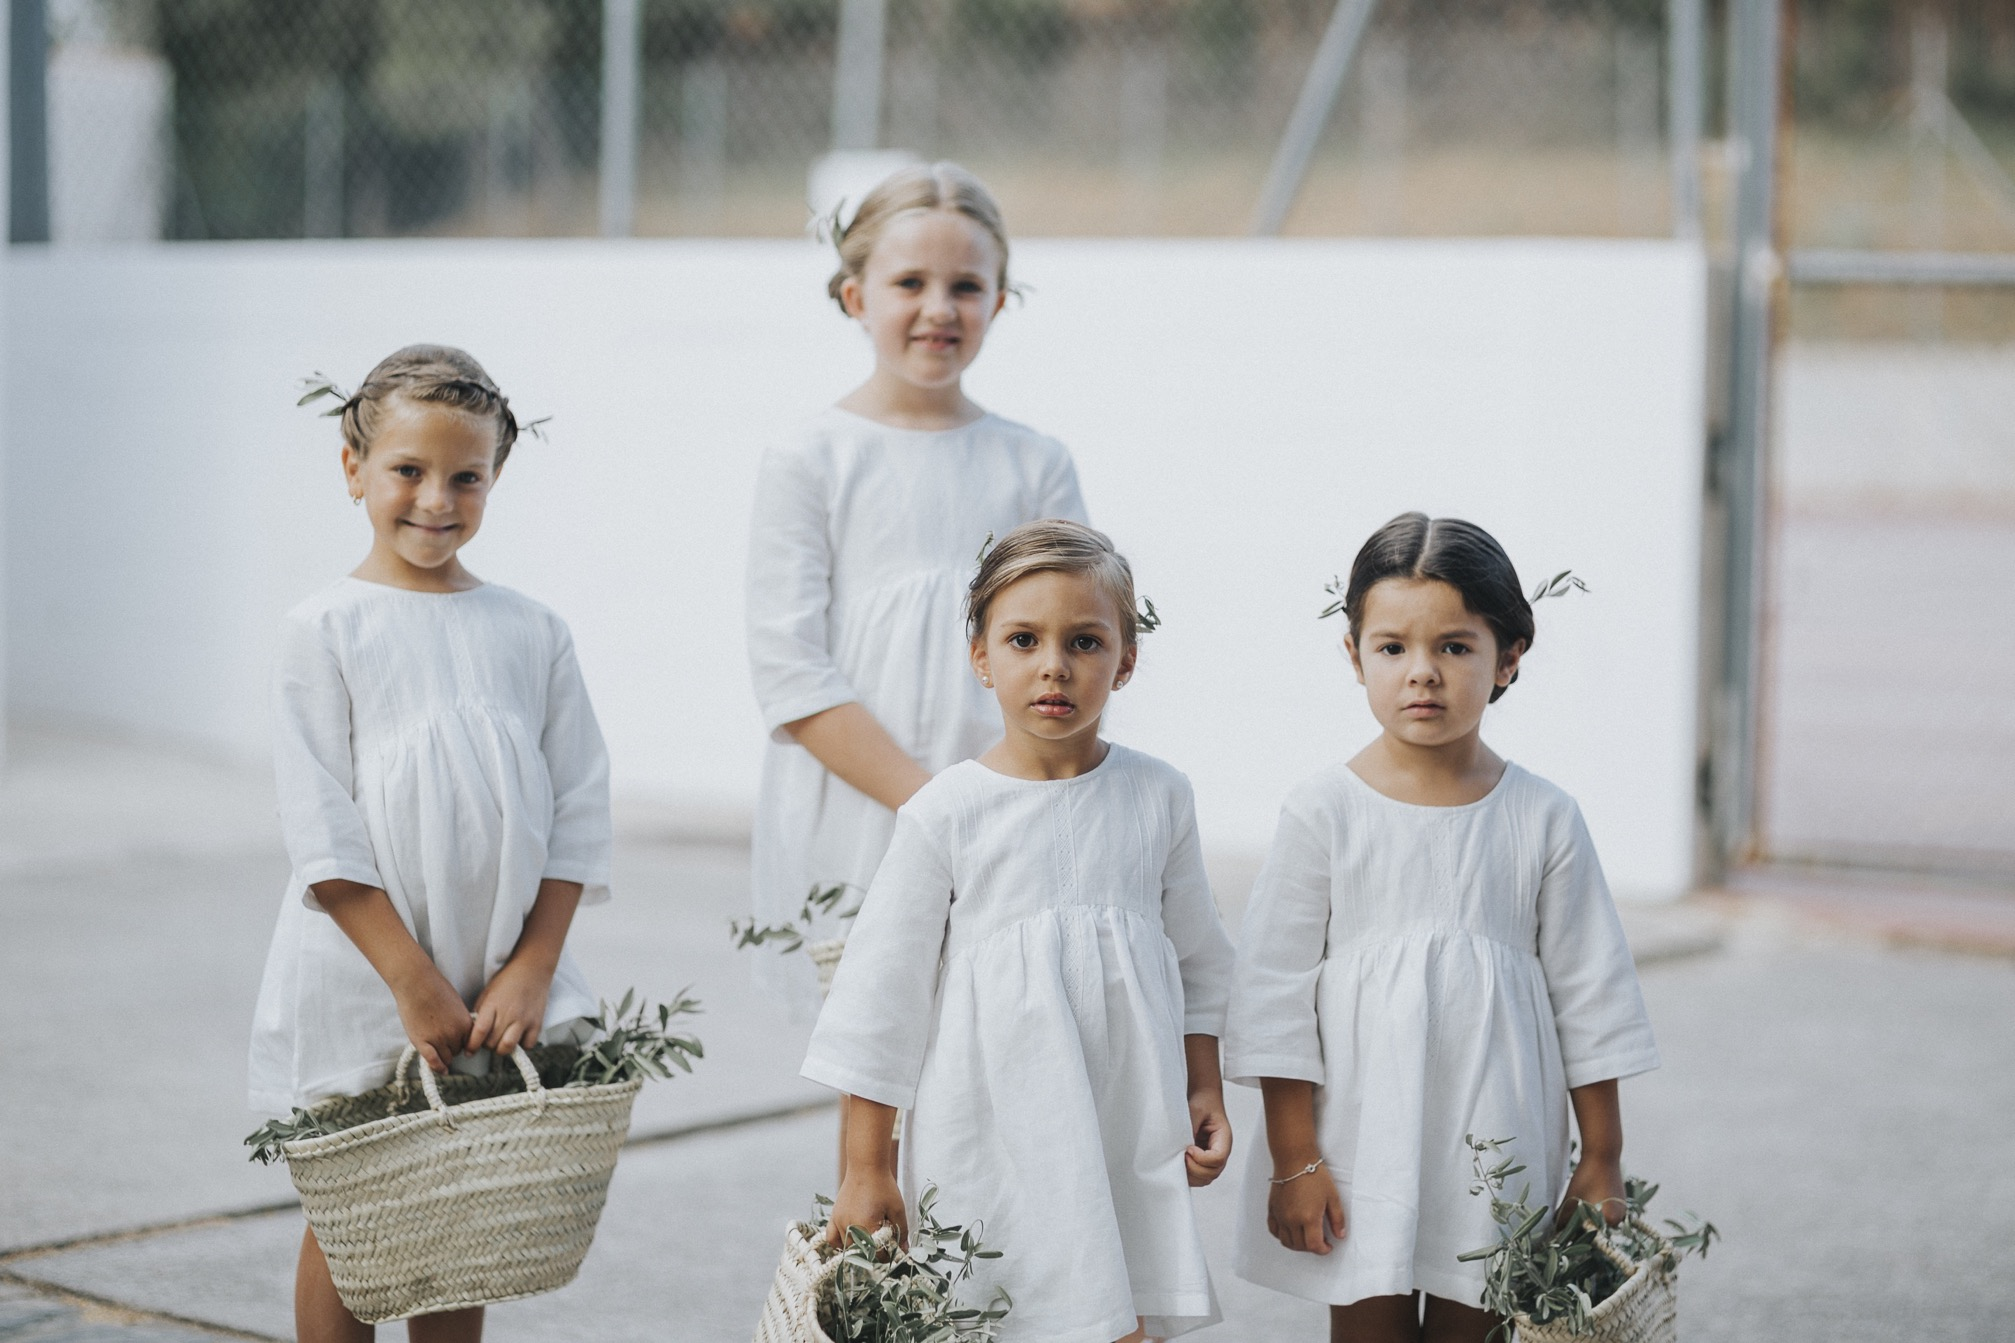 Si-Quiero-Wedding-Planner-By-Sira-Antequera-Bodas-Málaga-Marbella-Miami- Toñi-Jarri-6